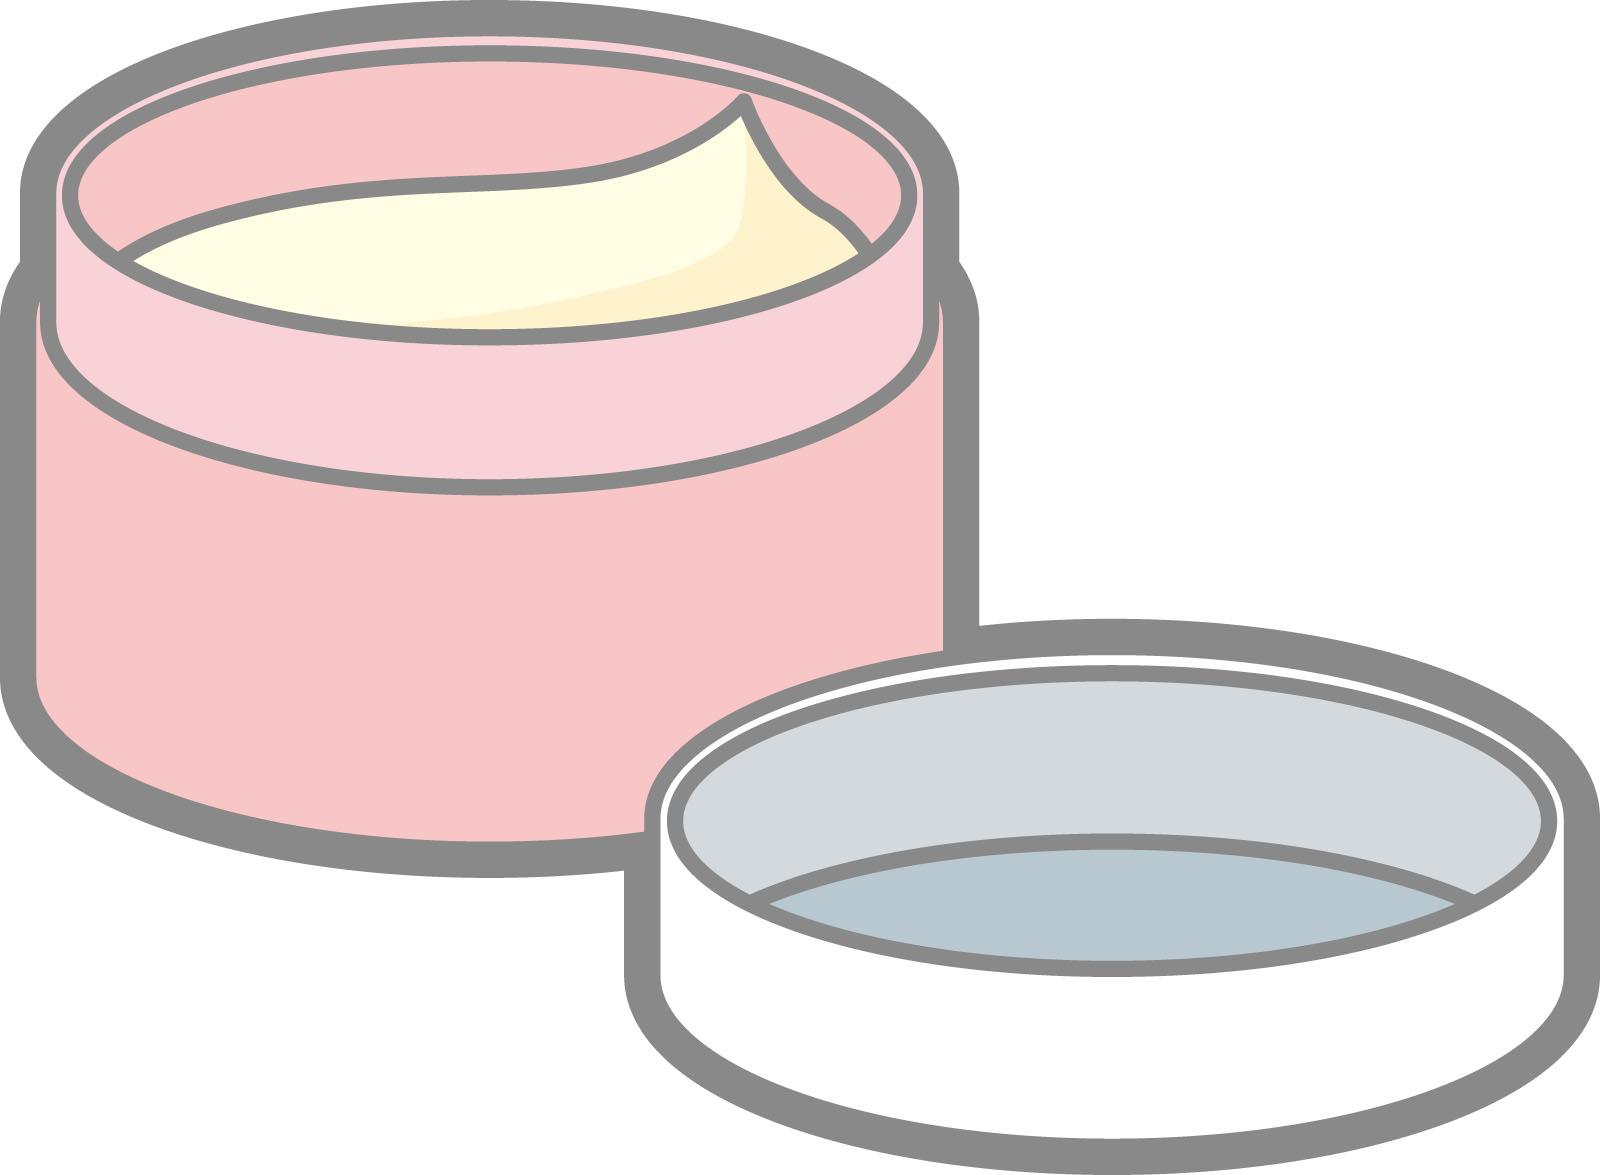 蜜蝋クリーム,効果,使い方,手作り